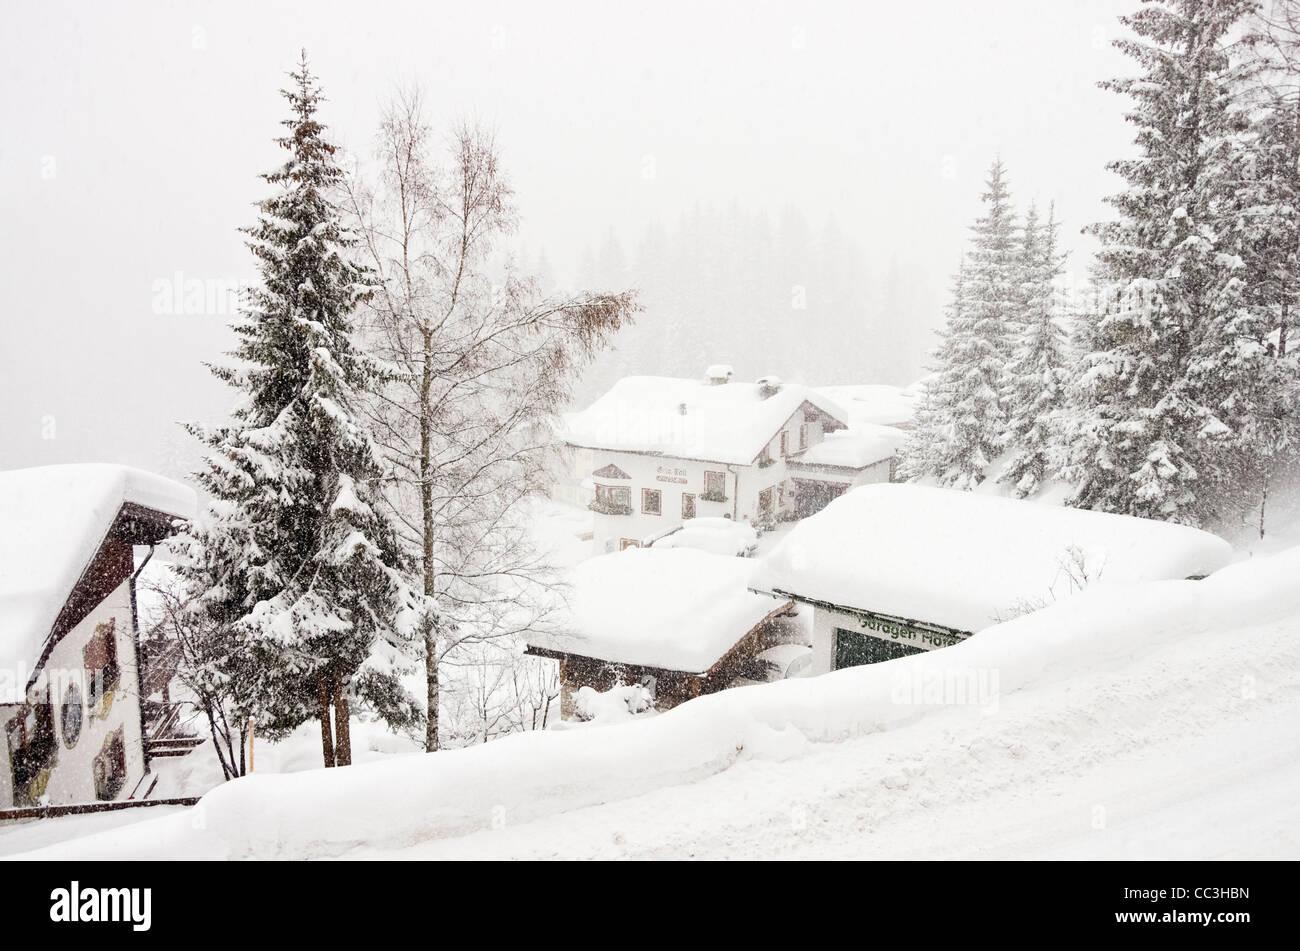 St Anton am Arlberg, Tirolo, Austria. Tradizionale villaggio austriaco edifici durante forti nevicate in inverno Immagini Stock